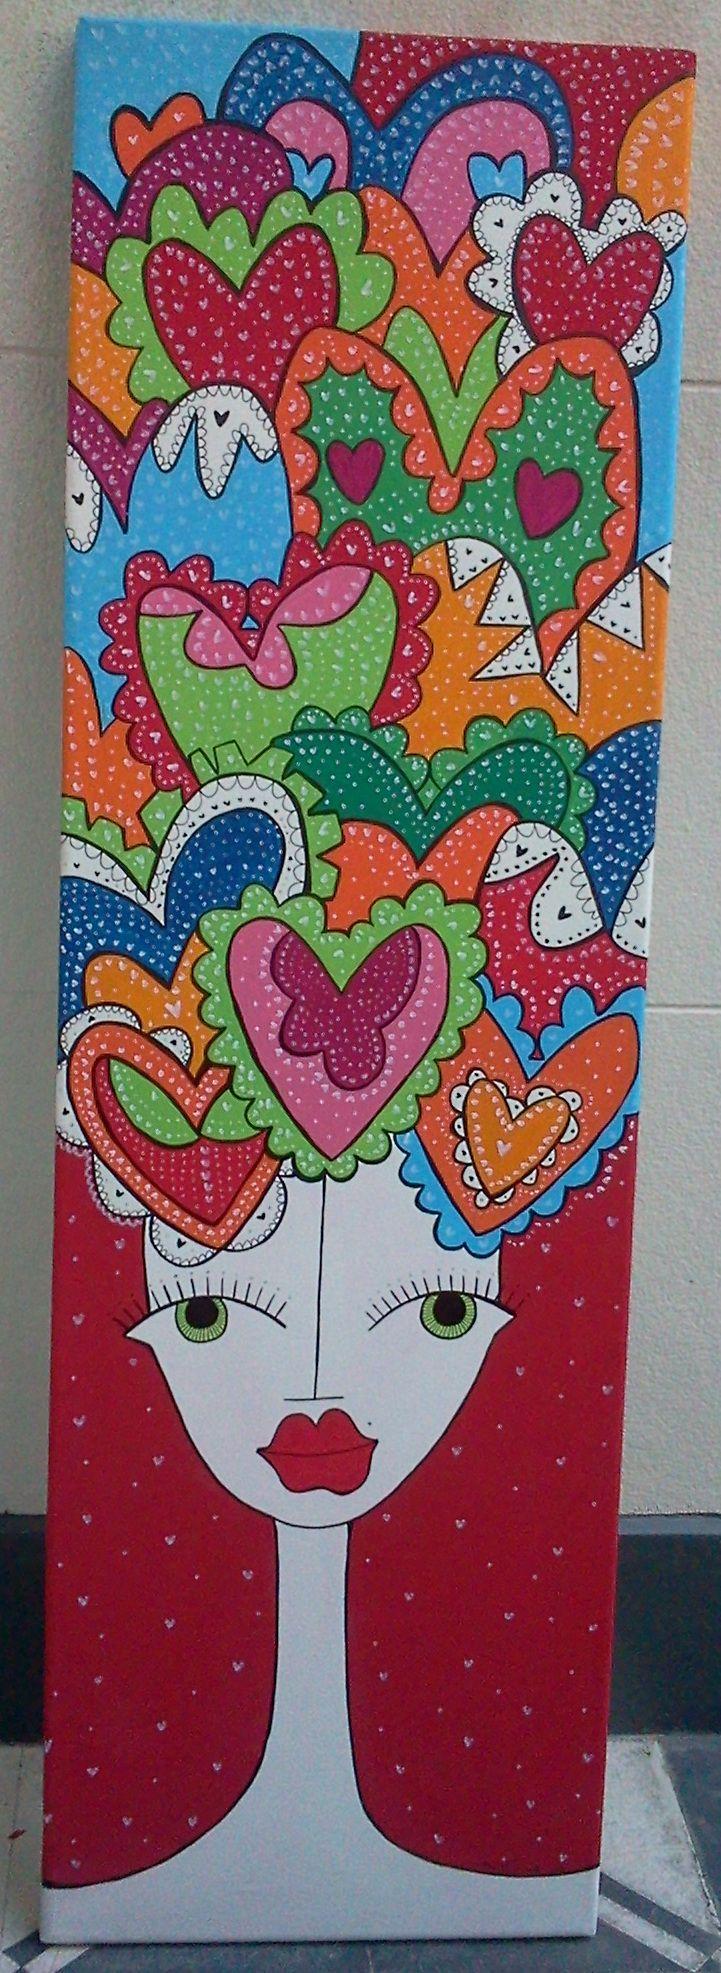 Cuadro pintado en acrílico, $650 en https://ofeliafeliz.com.ar